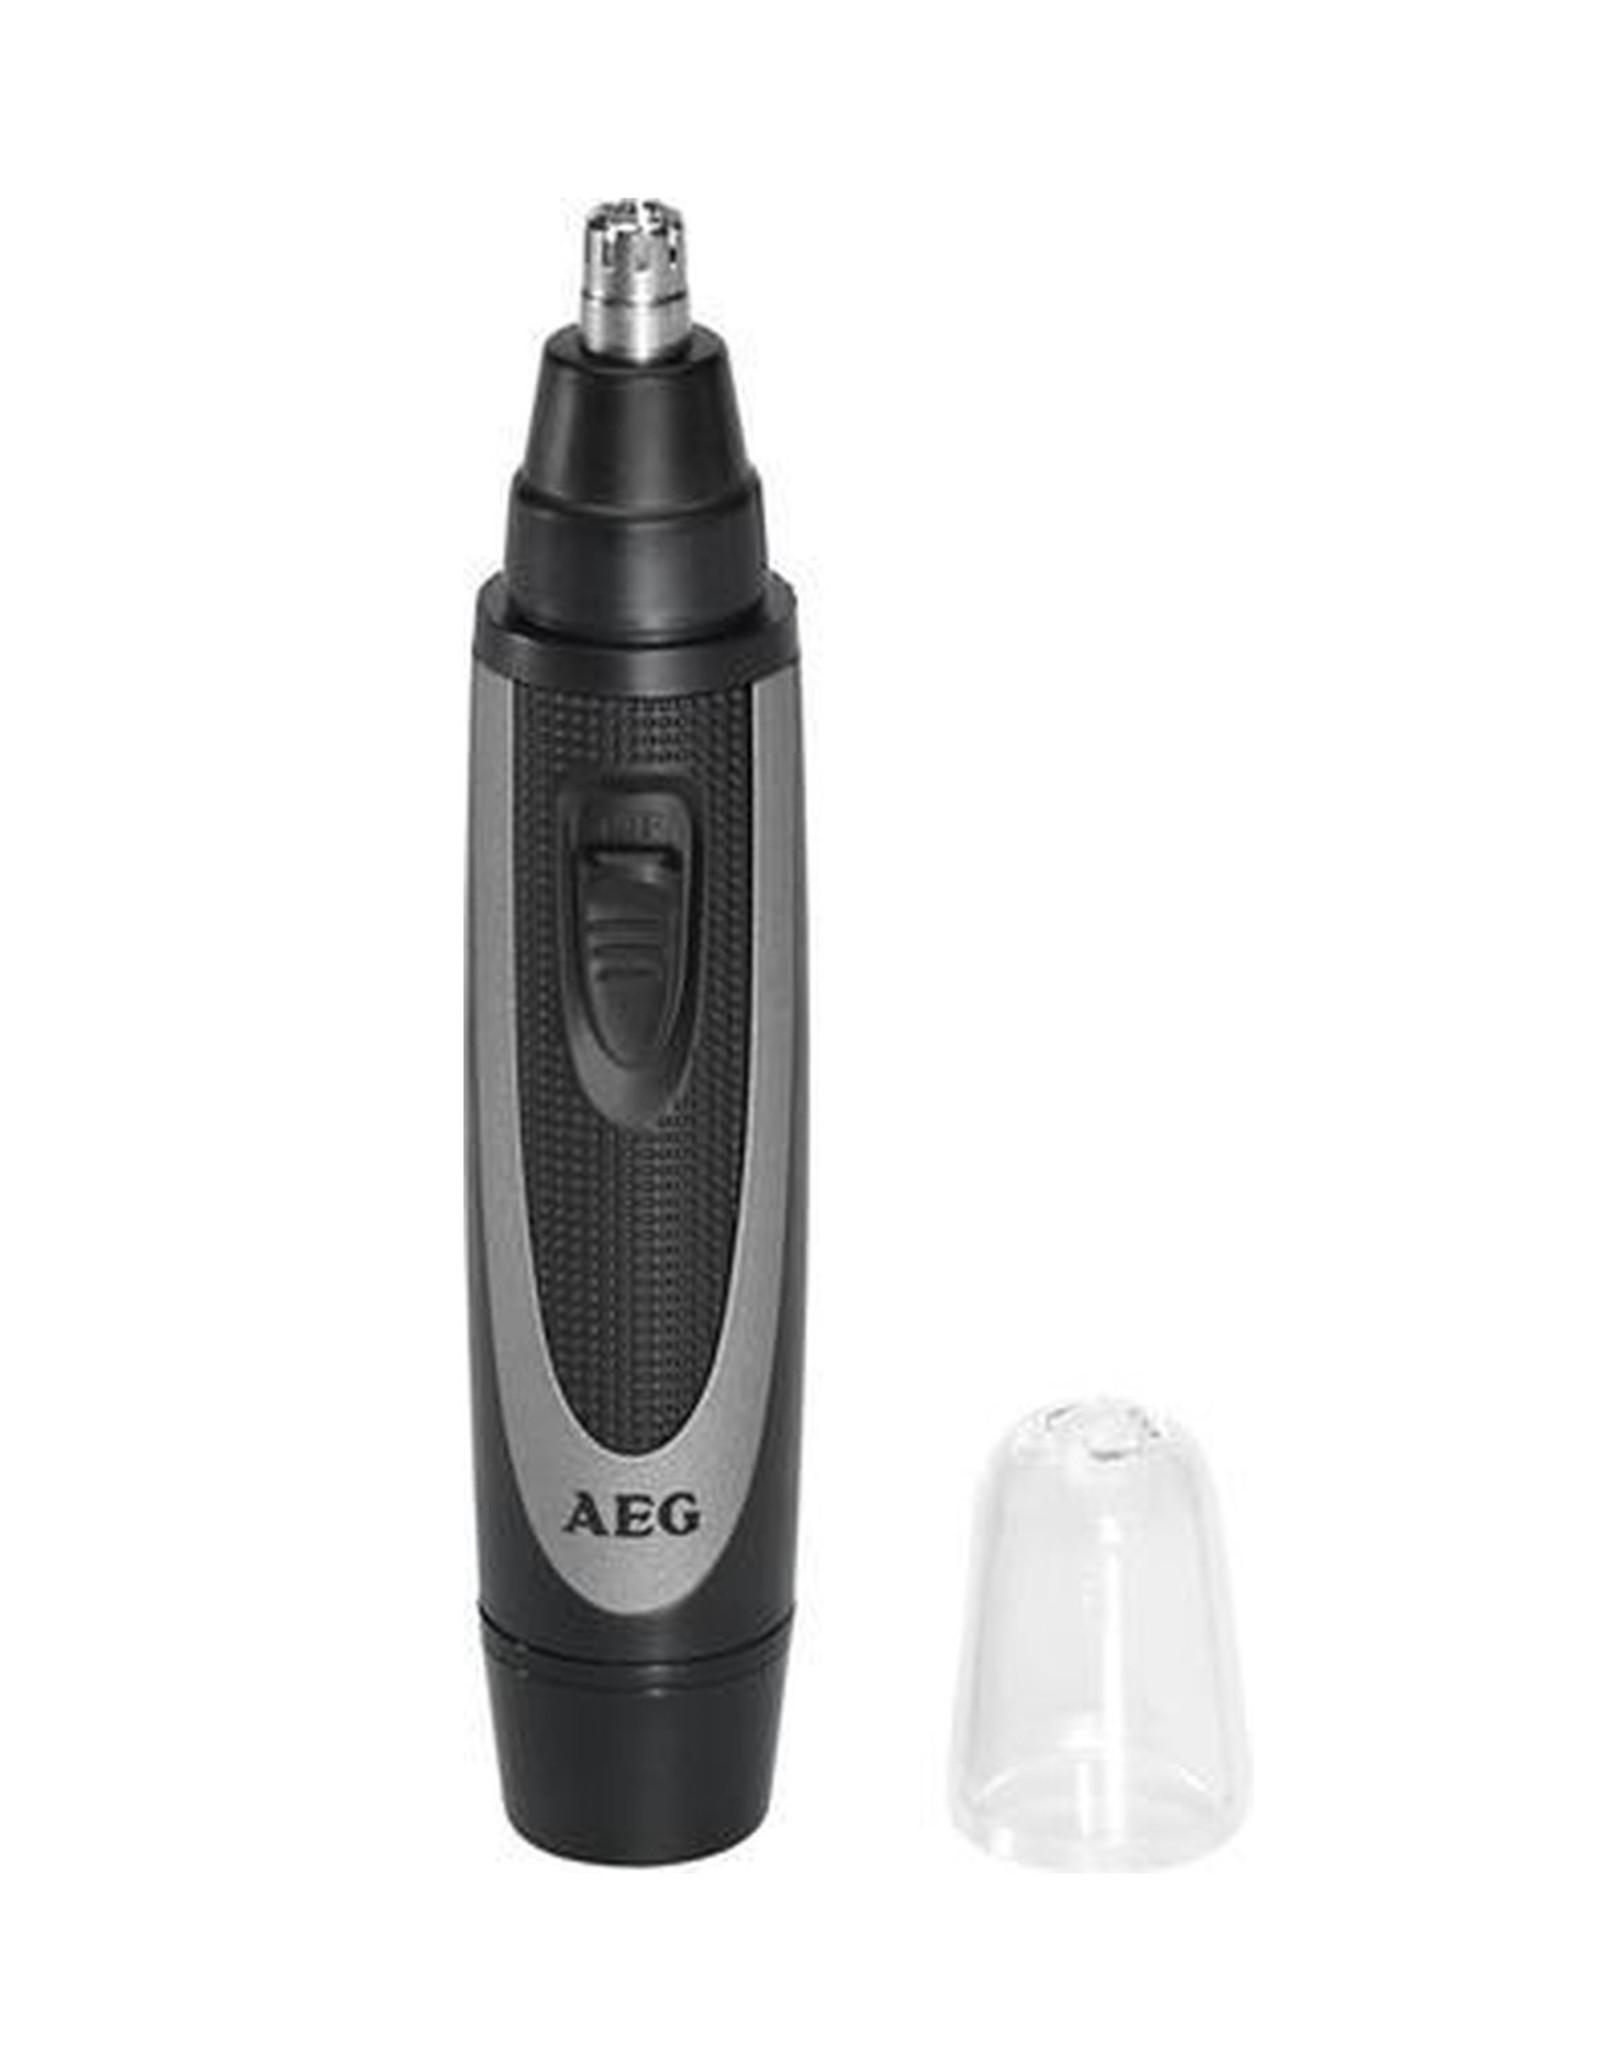 AEG AEG - Neus- en oorhaartrimmer - Zwart